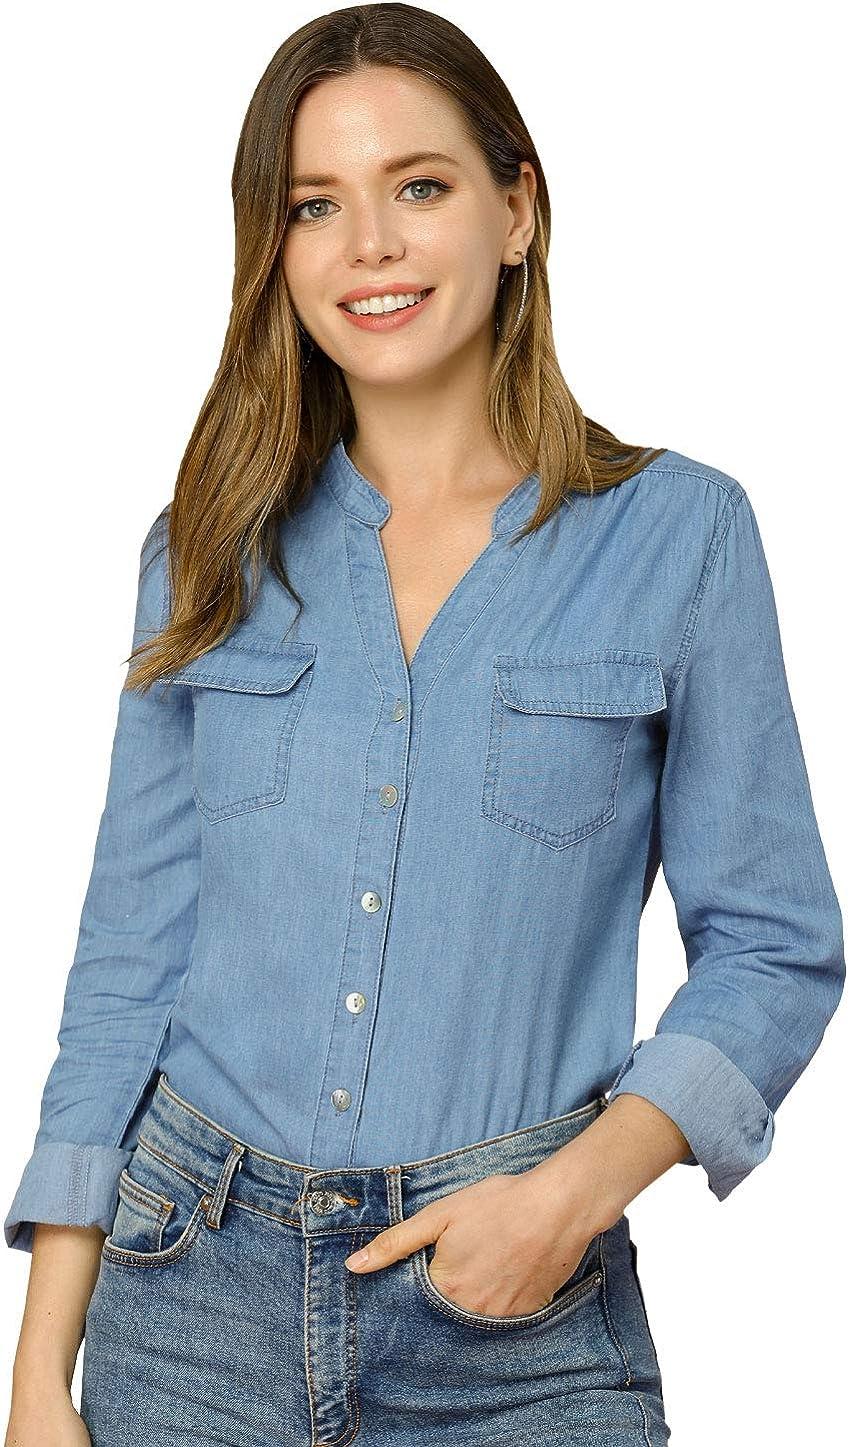 Allegra K Women's Denim Shirt Long Sleeve Cotton Button Down Blouse